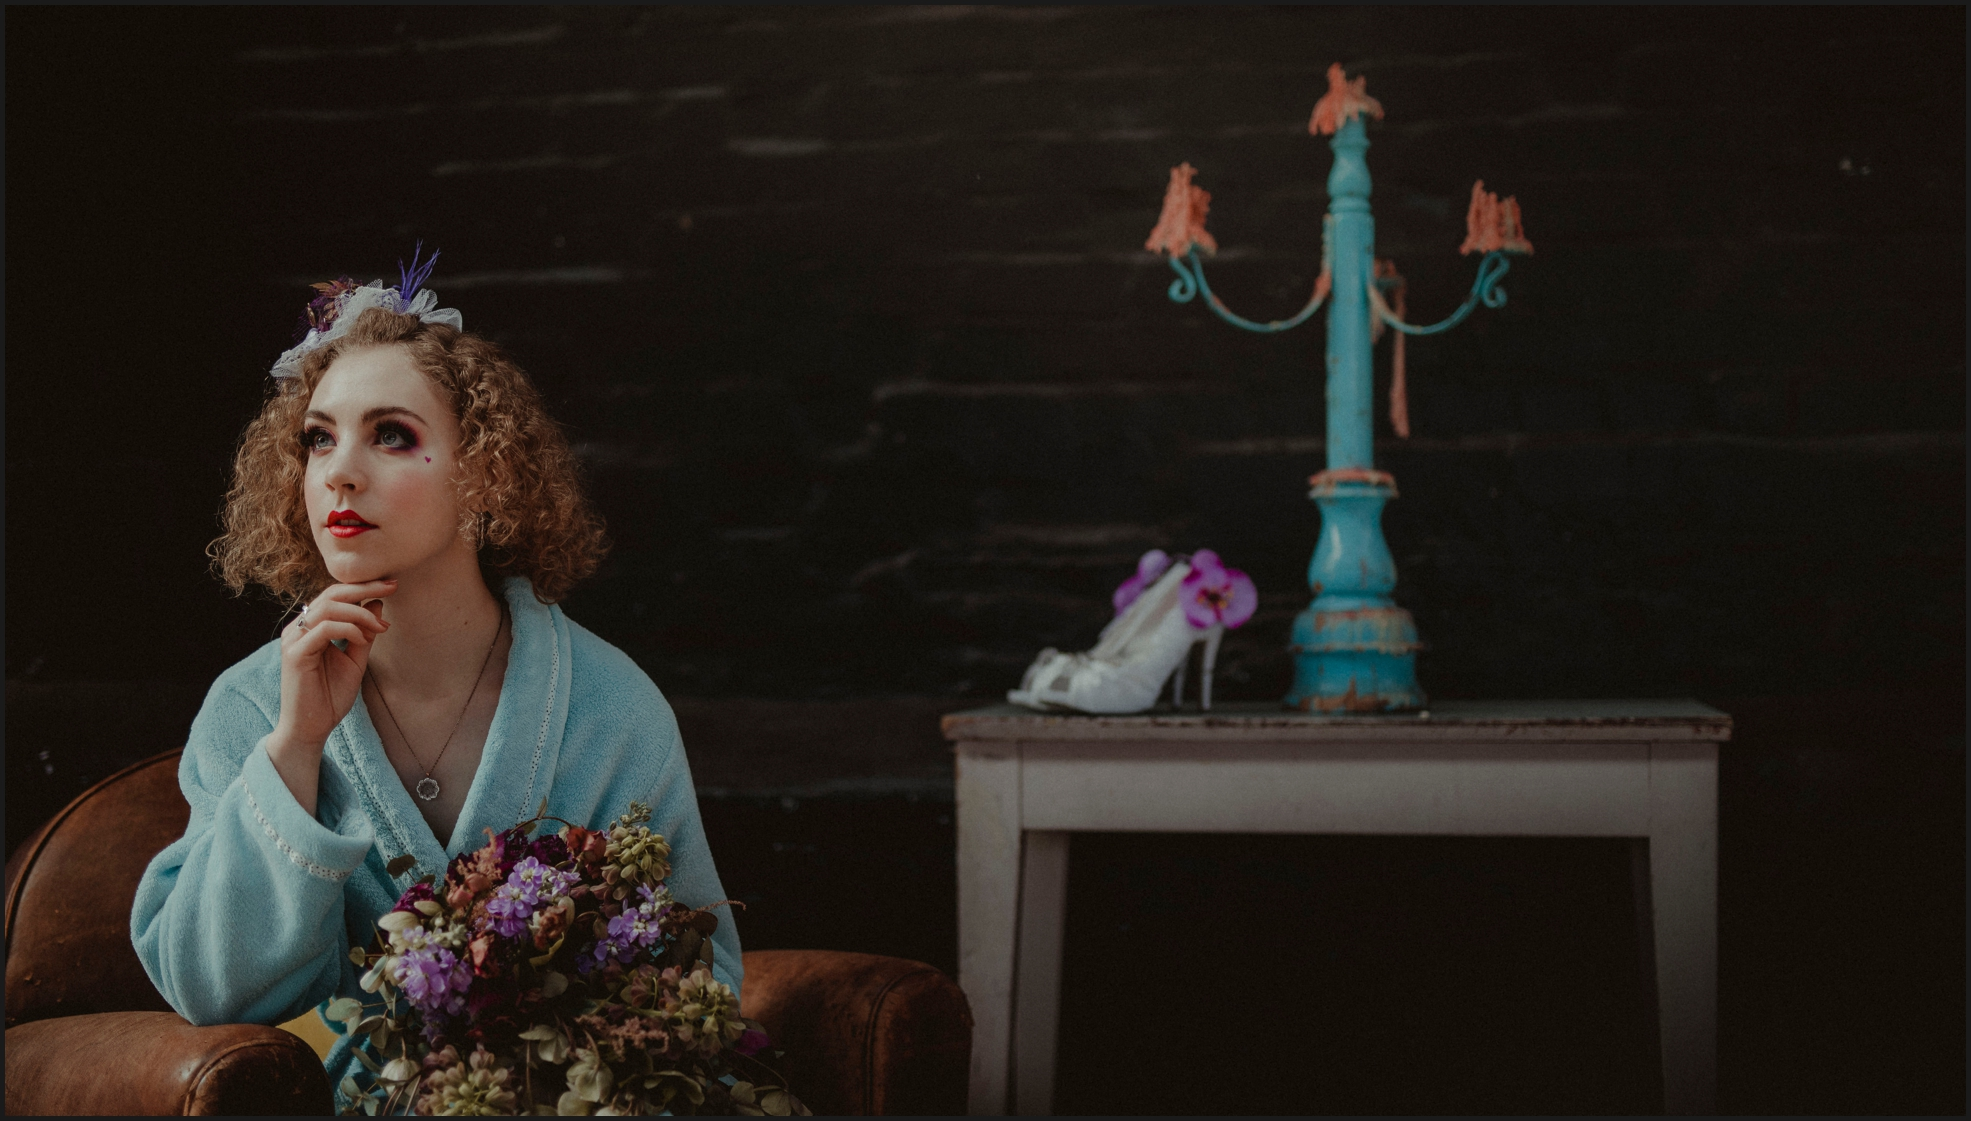 bride, portrait, flowers, shoes, bouquet, getting ready